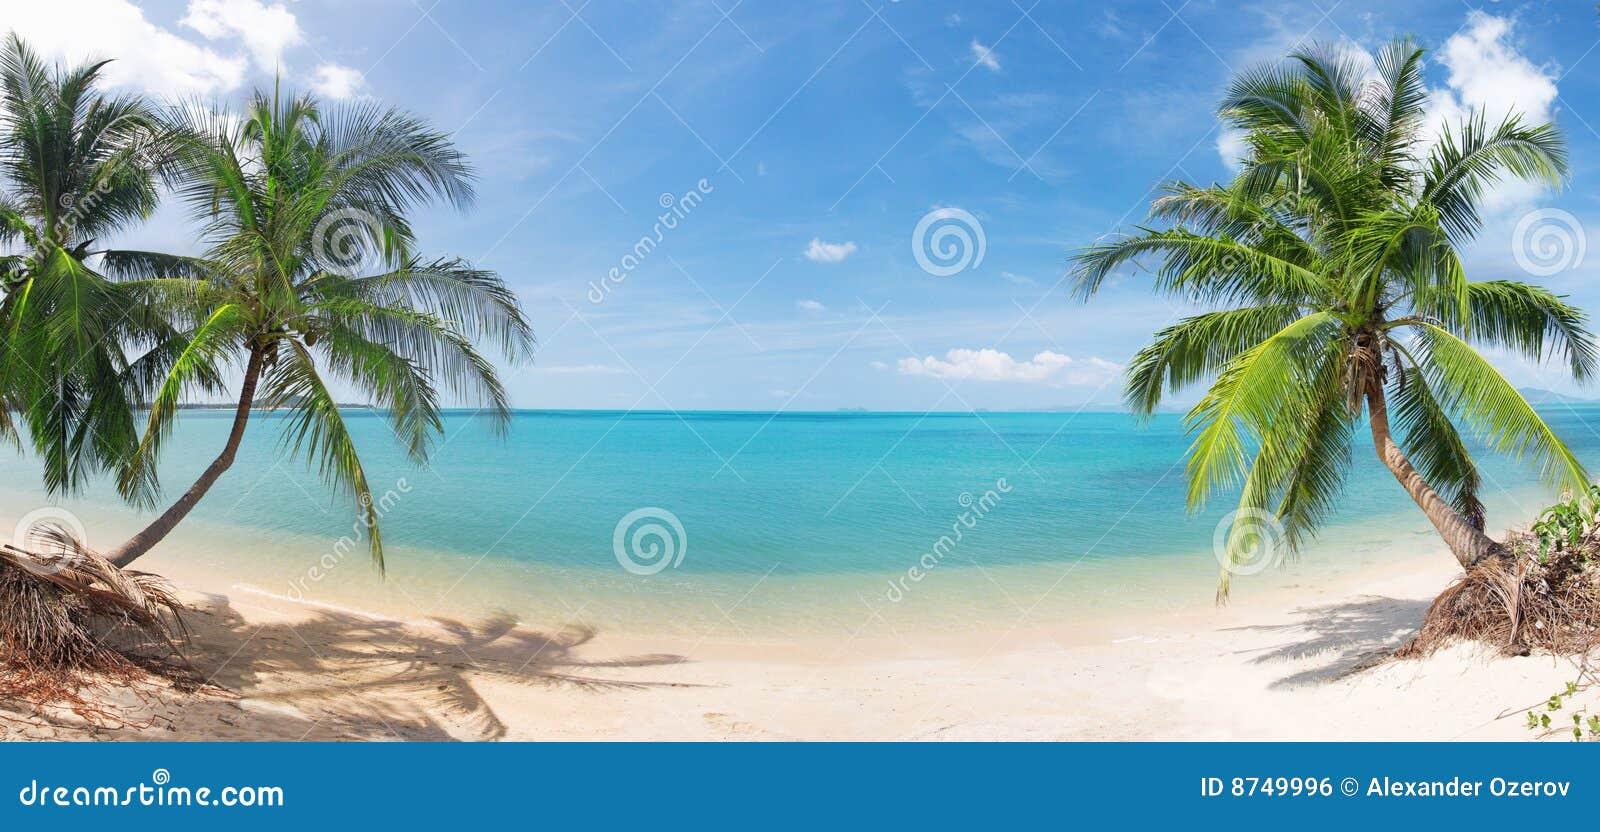 Panoramischer tropischer Strand mit Kokosnusspalme